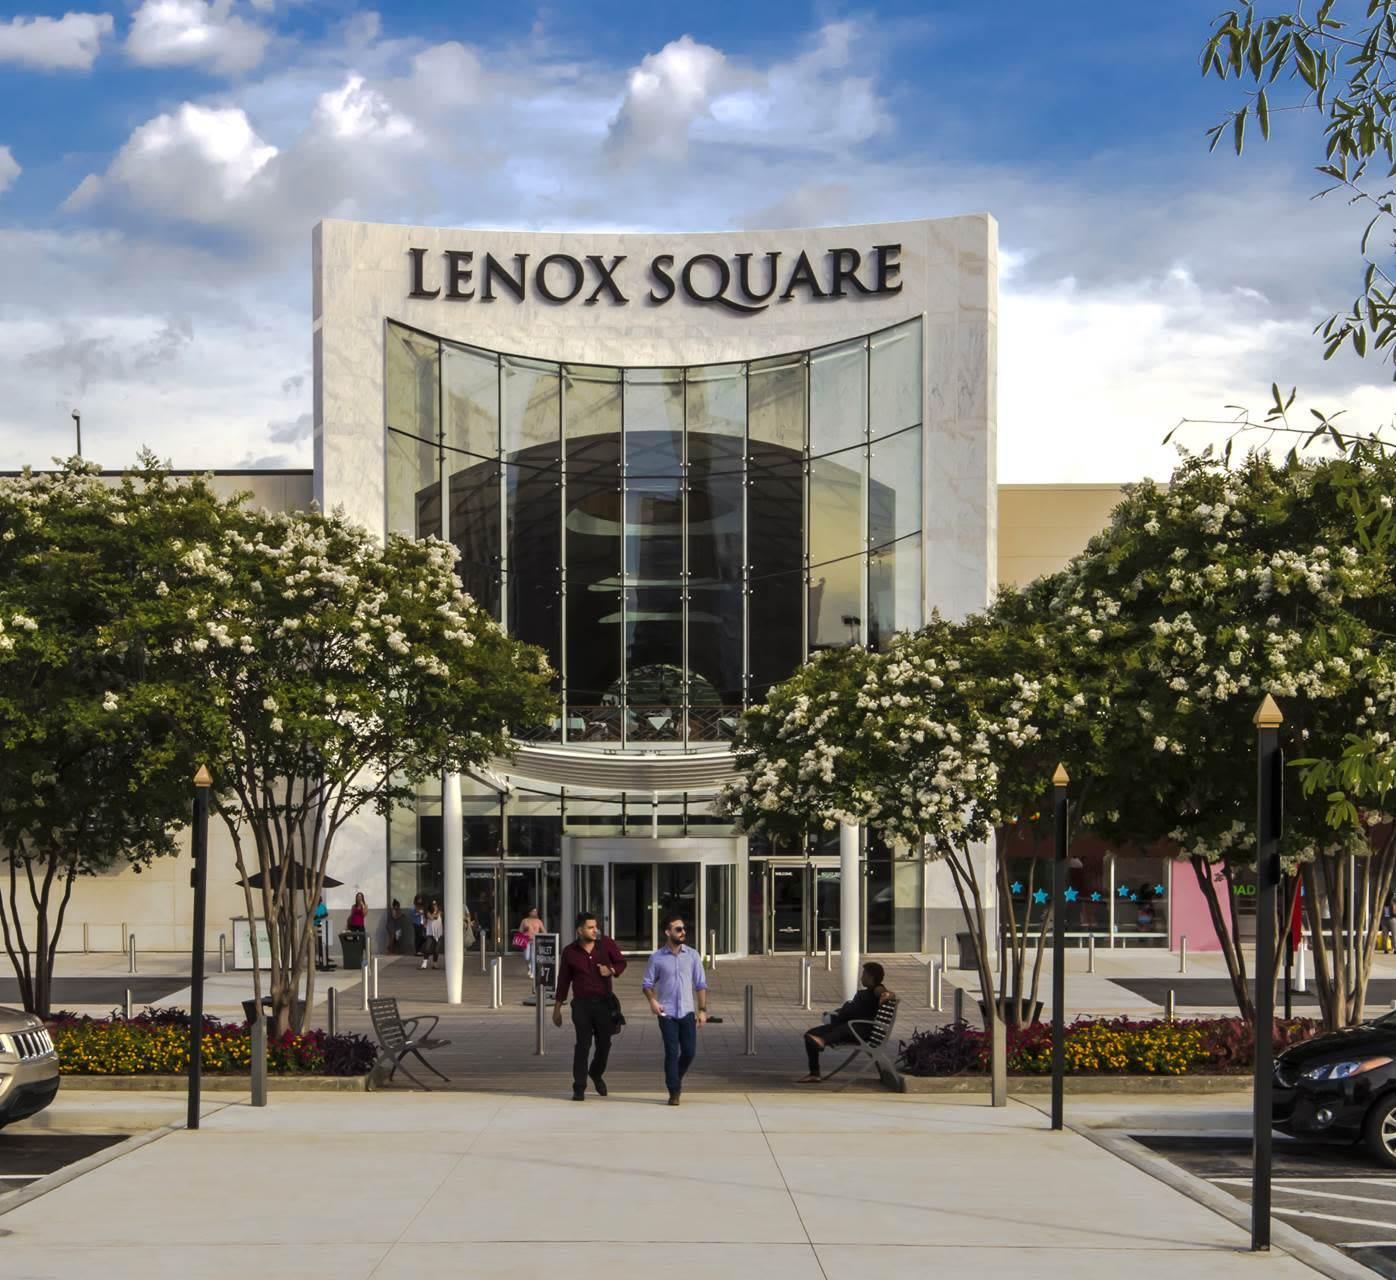 レノックス・スクウェア・モール | アトランタ在住ダイさんのおすすめショッピング・買物スポット